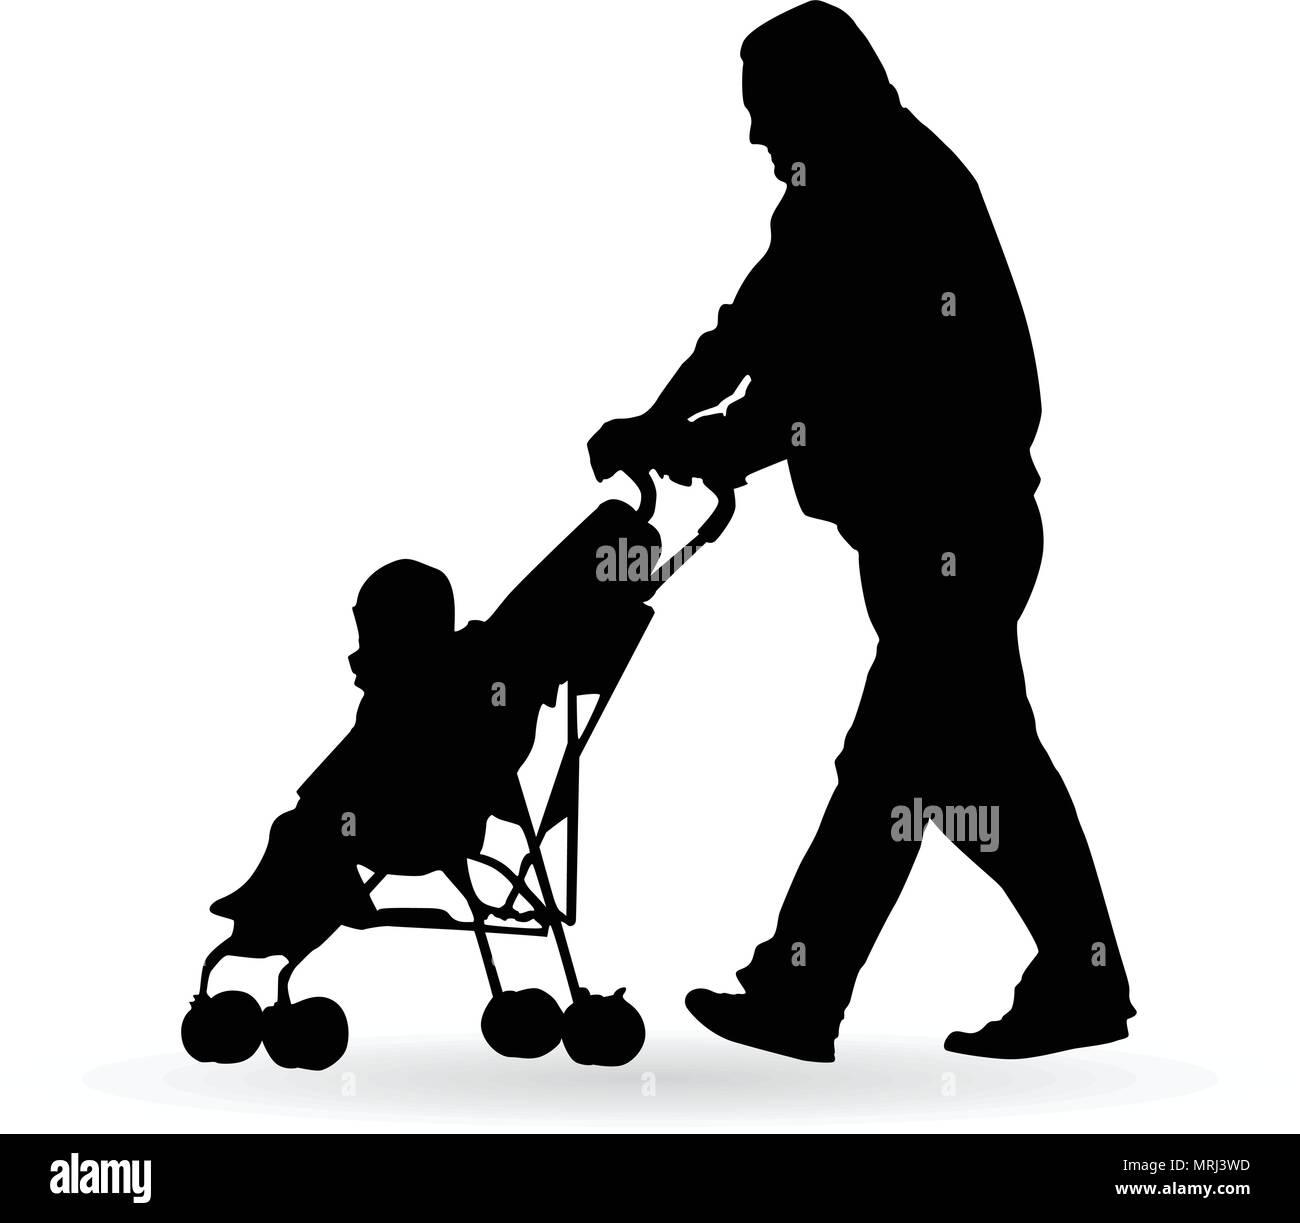 Homme poussant un landau avec un petit enfant silhouette vector illustration Photo Stock